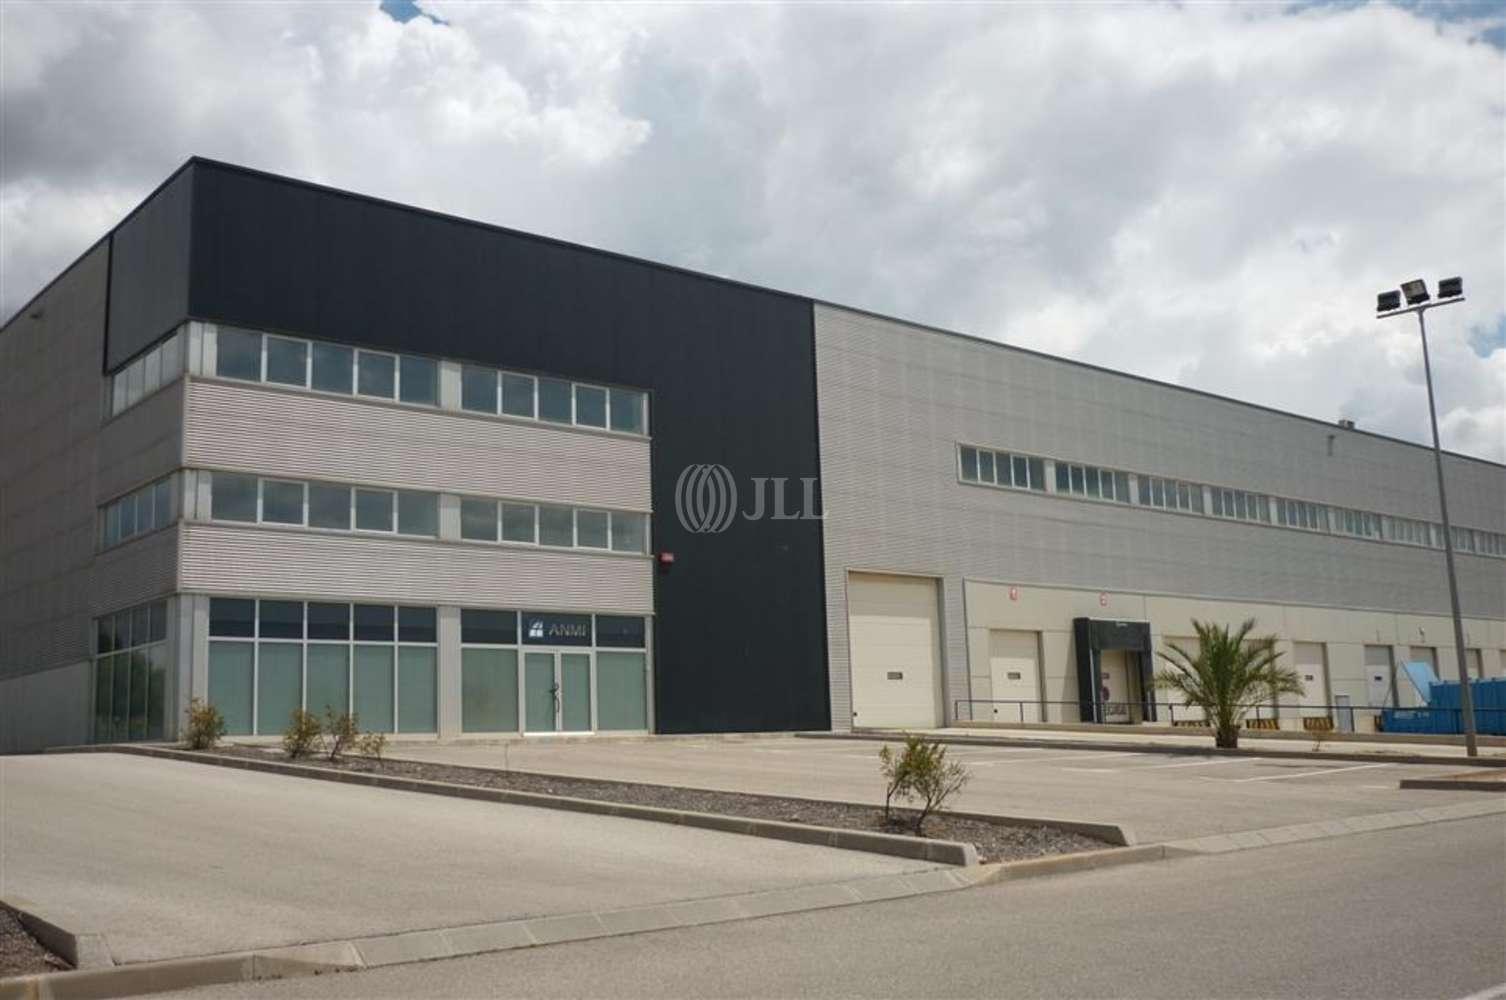 Naves industriales y logísticas La granada, 08792 - Nave Logistica - B0099 - LOGISTIC PARK BARCELONA SUR - 7323